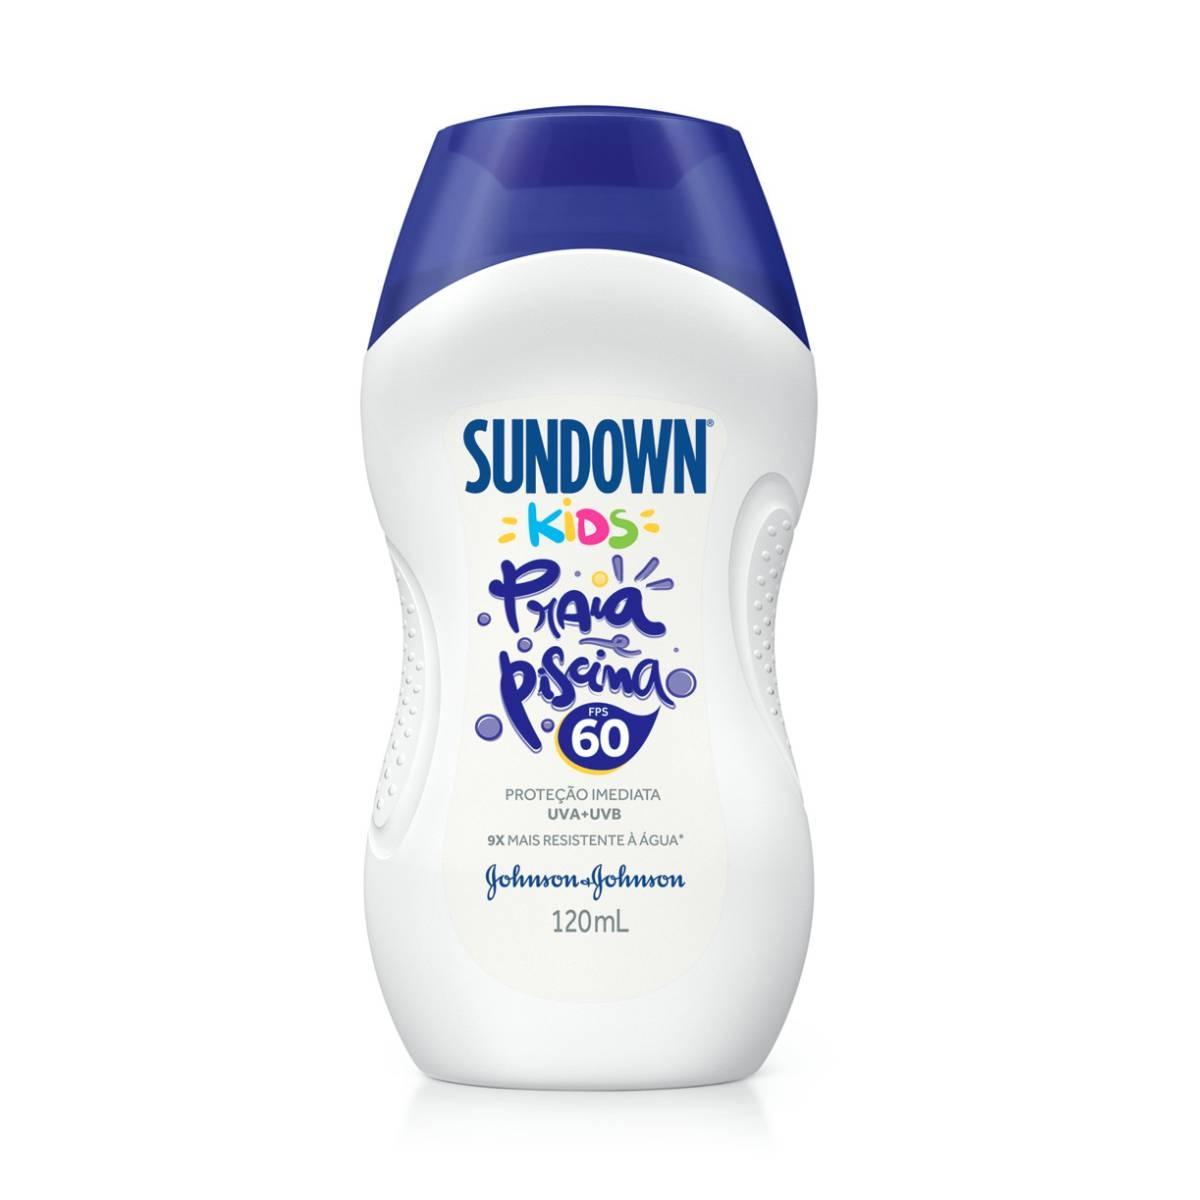 Protetor Solar Corporal Infantil Sundown Kids Praia e Piscina FPS 60 com 120ml 120ml